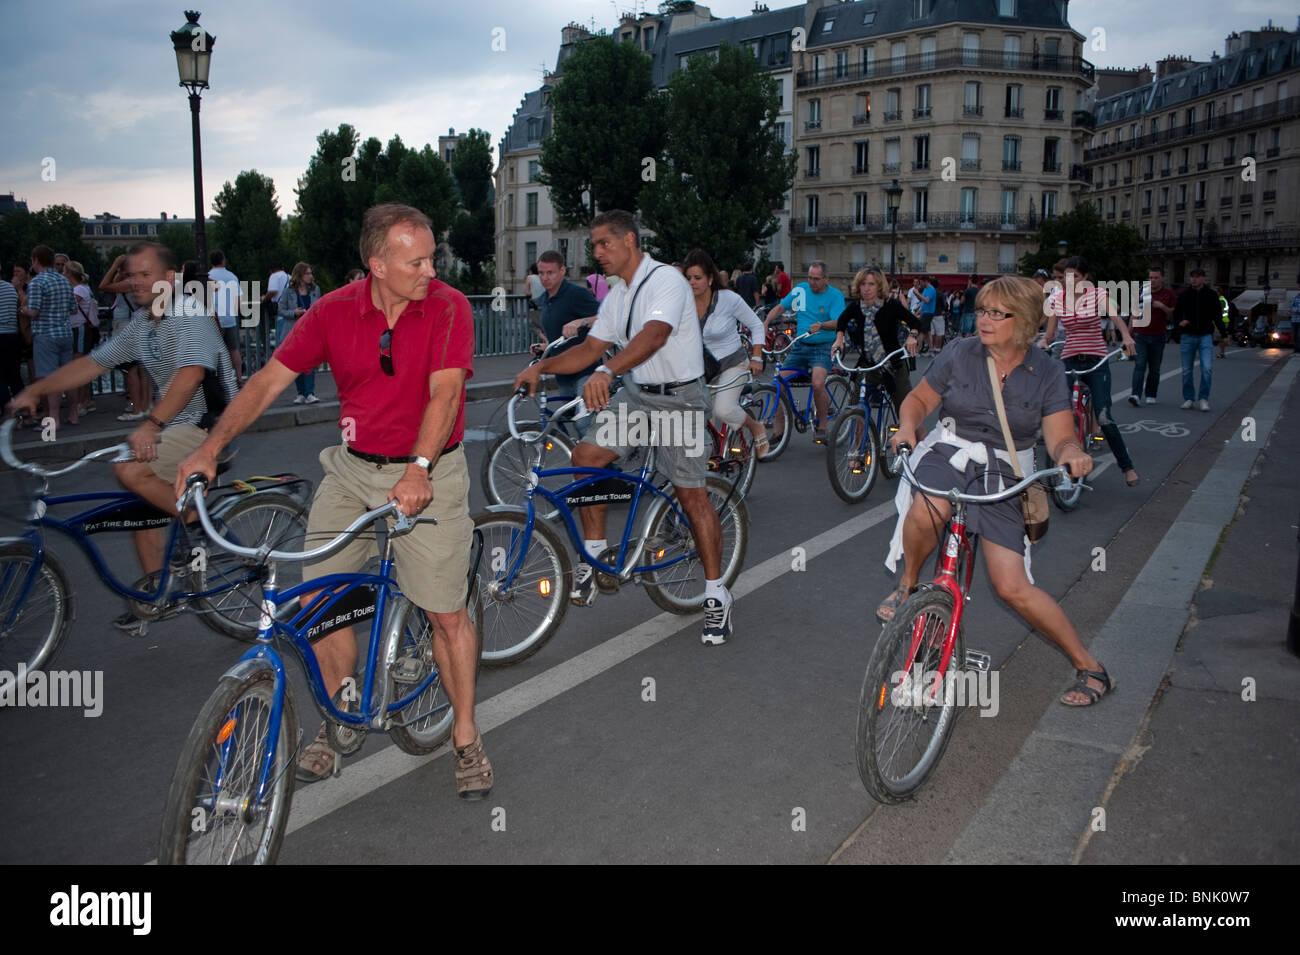 Paris Bicycle Tour, Group Adult Tourists Visiting on 'Pont Saint Louis' Bridge, (Ile Saint Louis) Street - Stock Image